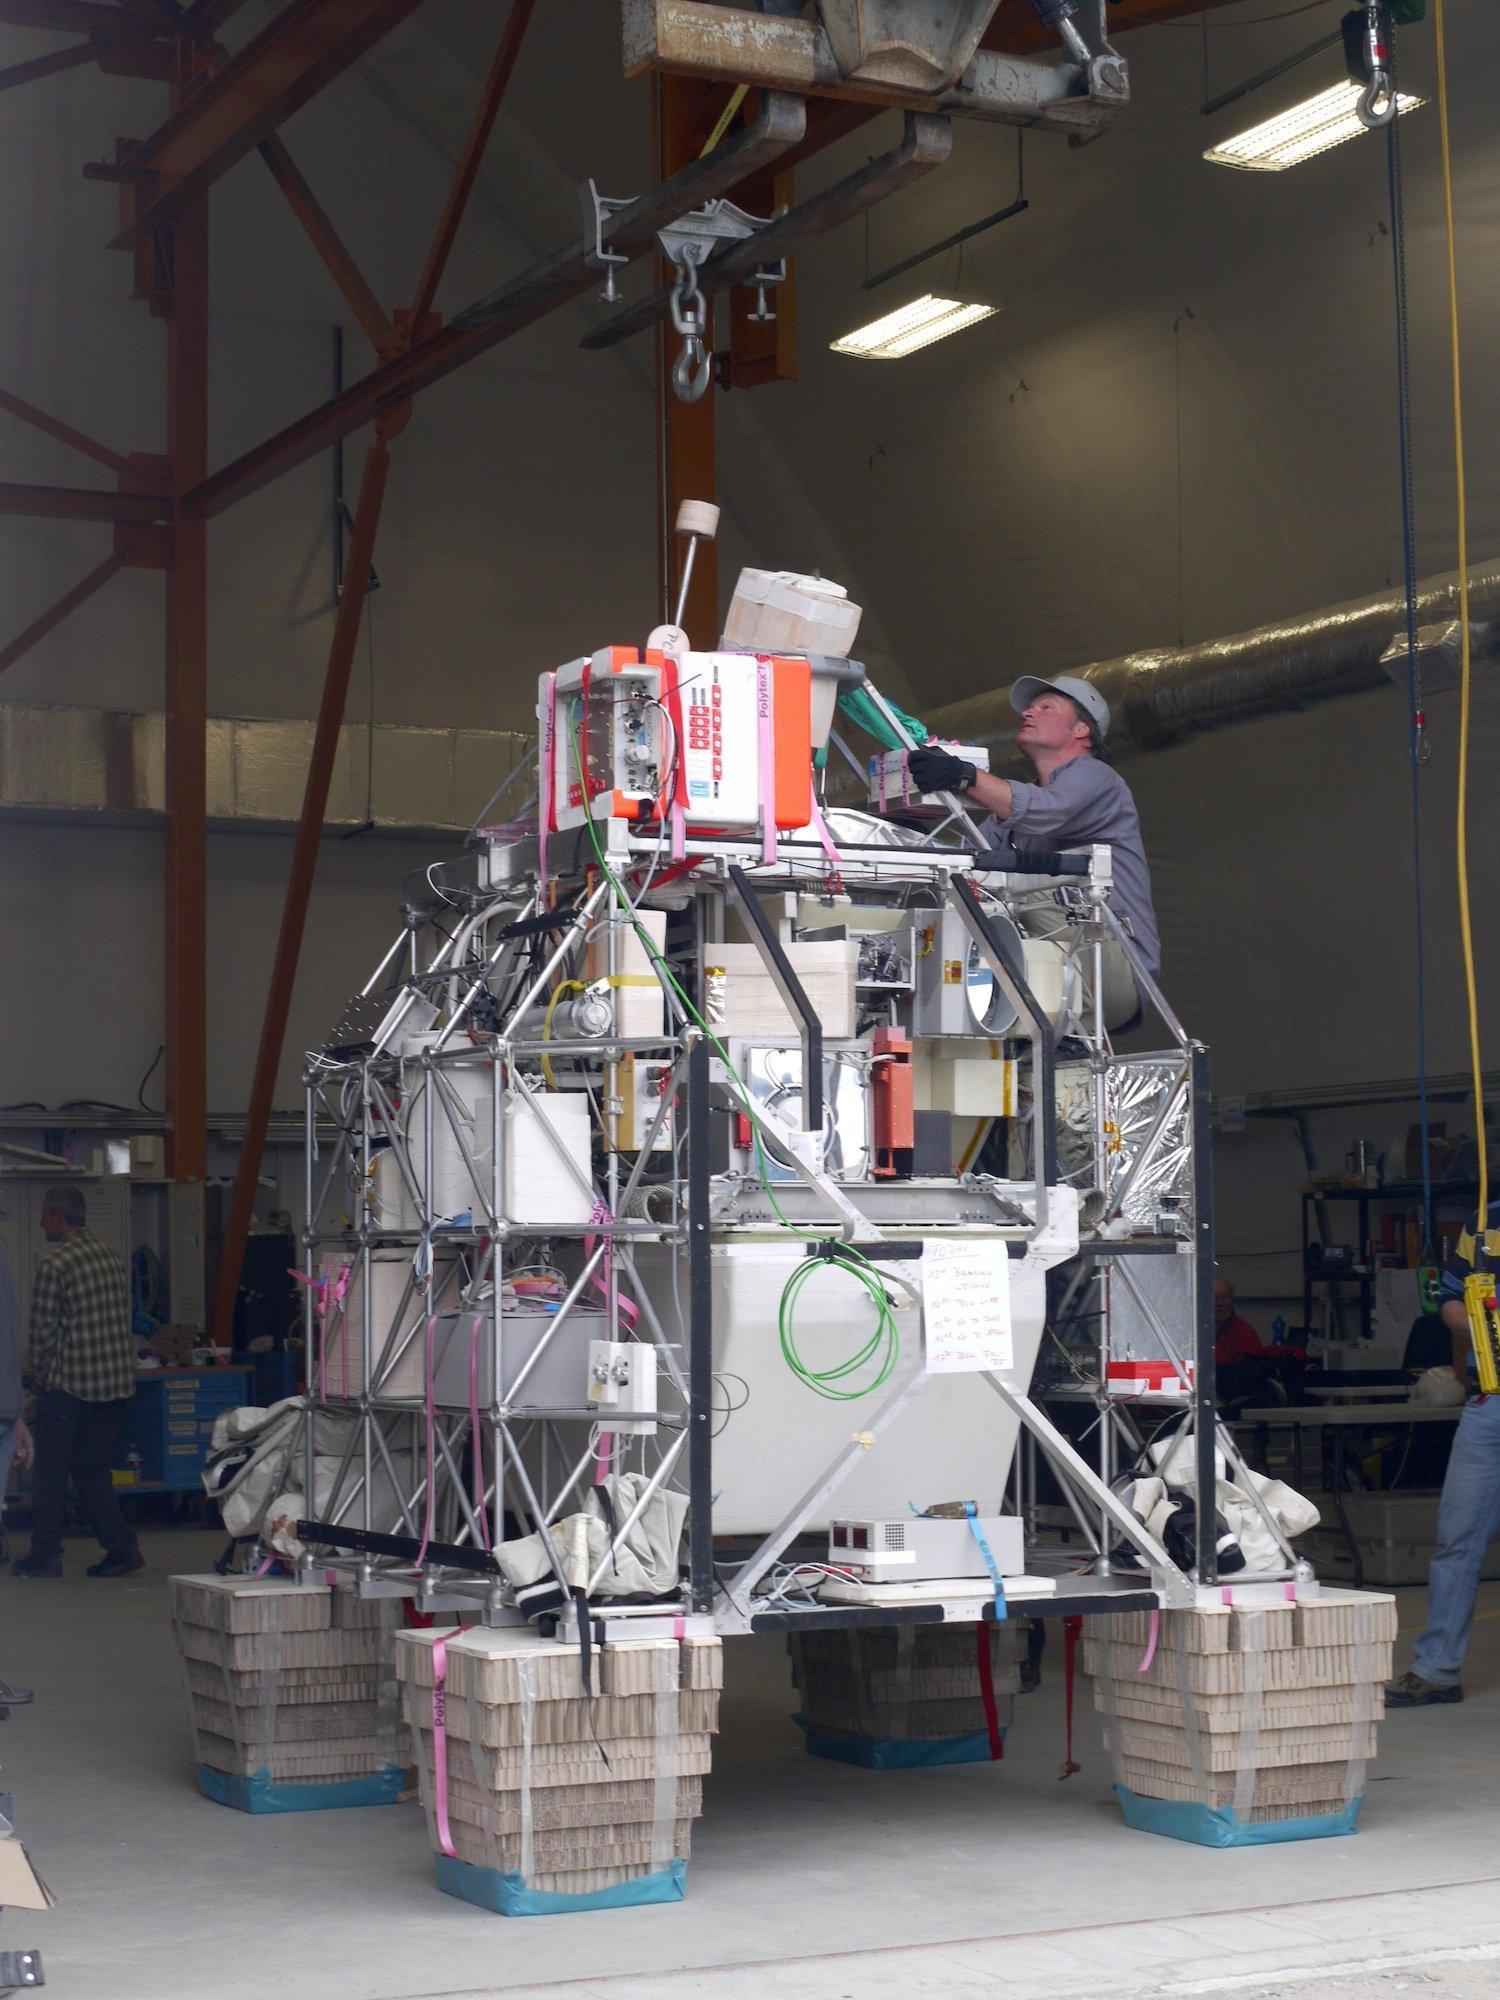 In der riesigen Gondel sind drei Messinstrumente untergebracht, die zusammen 760 kg wiegen. Sie sollen die Lücken der Forschung zur Brom-Konzentration in der Stratosphäre schließen.